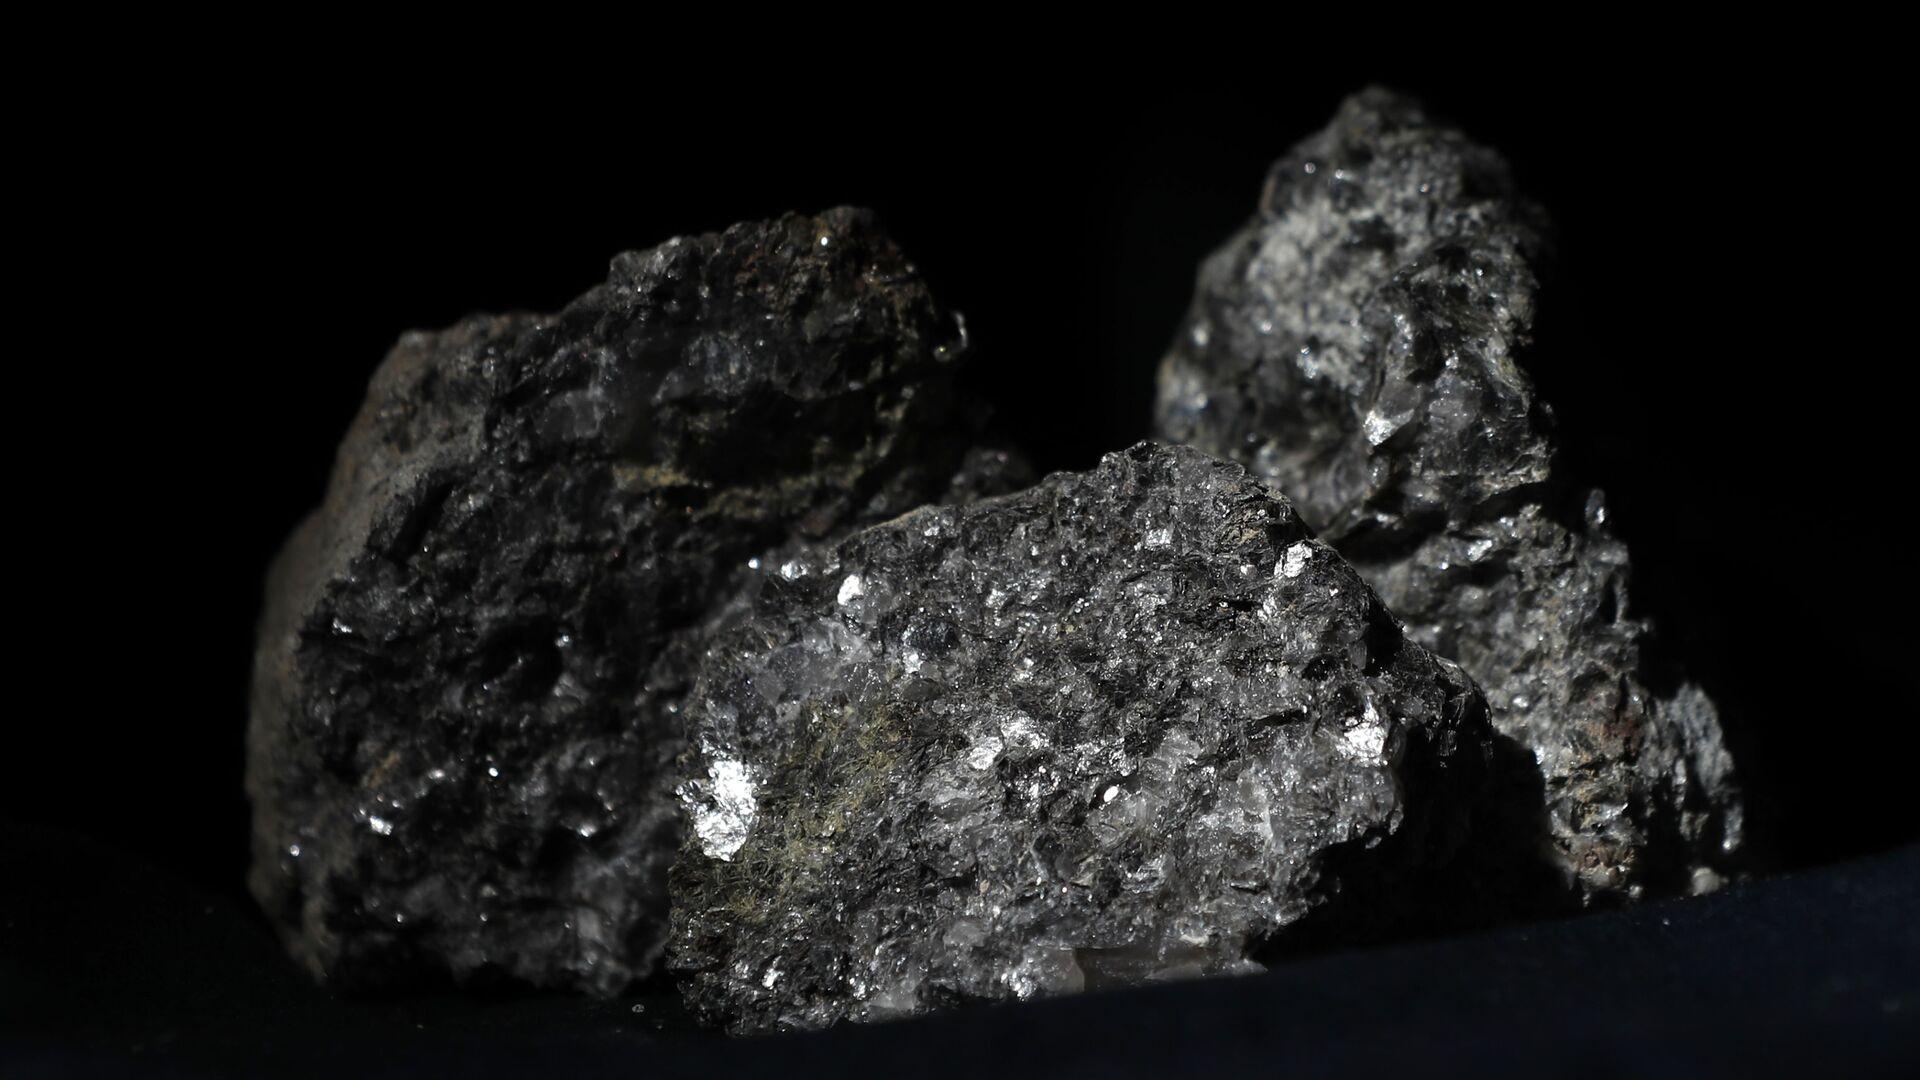 Partículas de litio brillan en la superficie de un mineral  - Sputnik Mundo, 1920, 28.04.2021